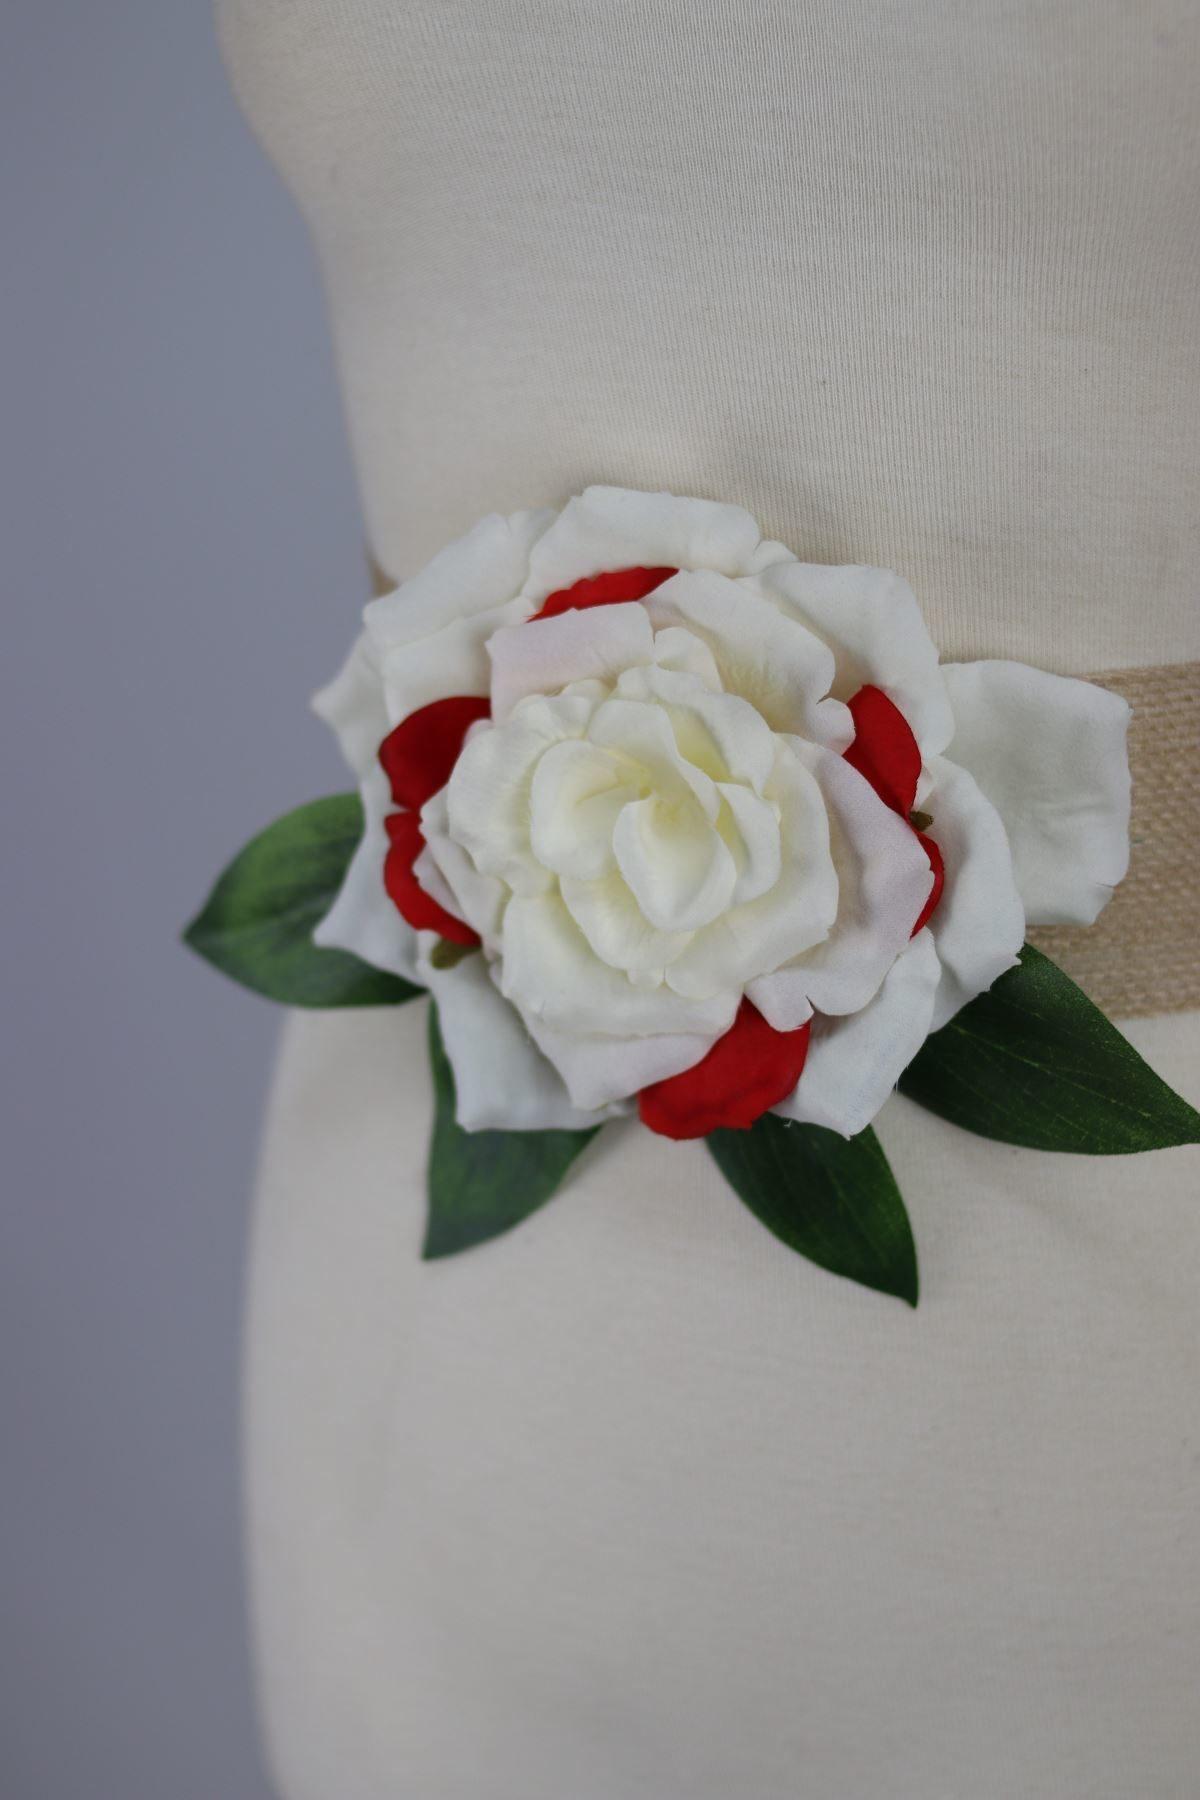 Cinturon gardenia para vestidos estampados diseñado por Fatima Angulo